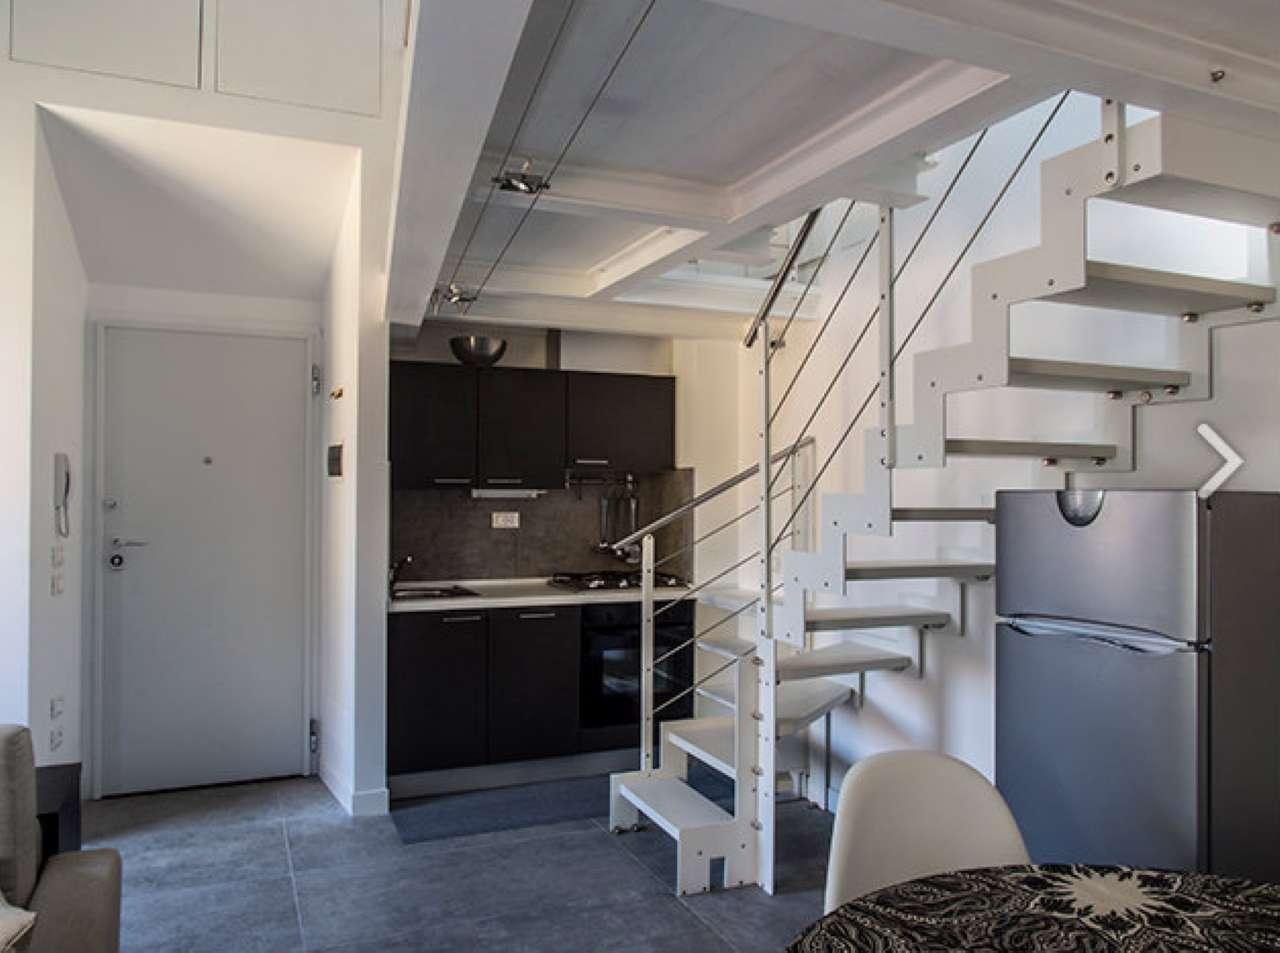 Appartamento in affitto a Bologna, 1 locali, zona Zona: 1 . Centro Storico, prezzo € 900 | CambioCasa.it